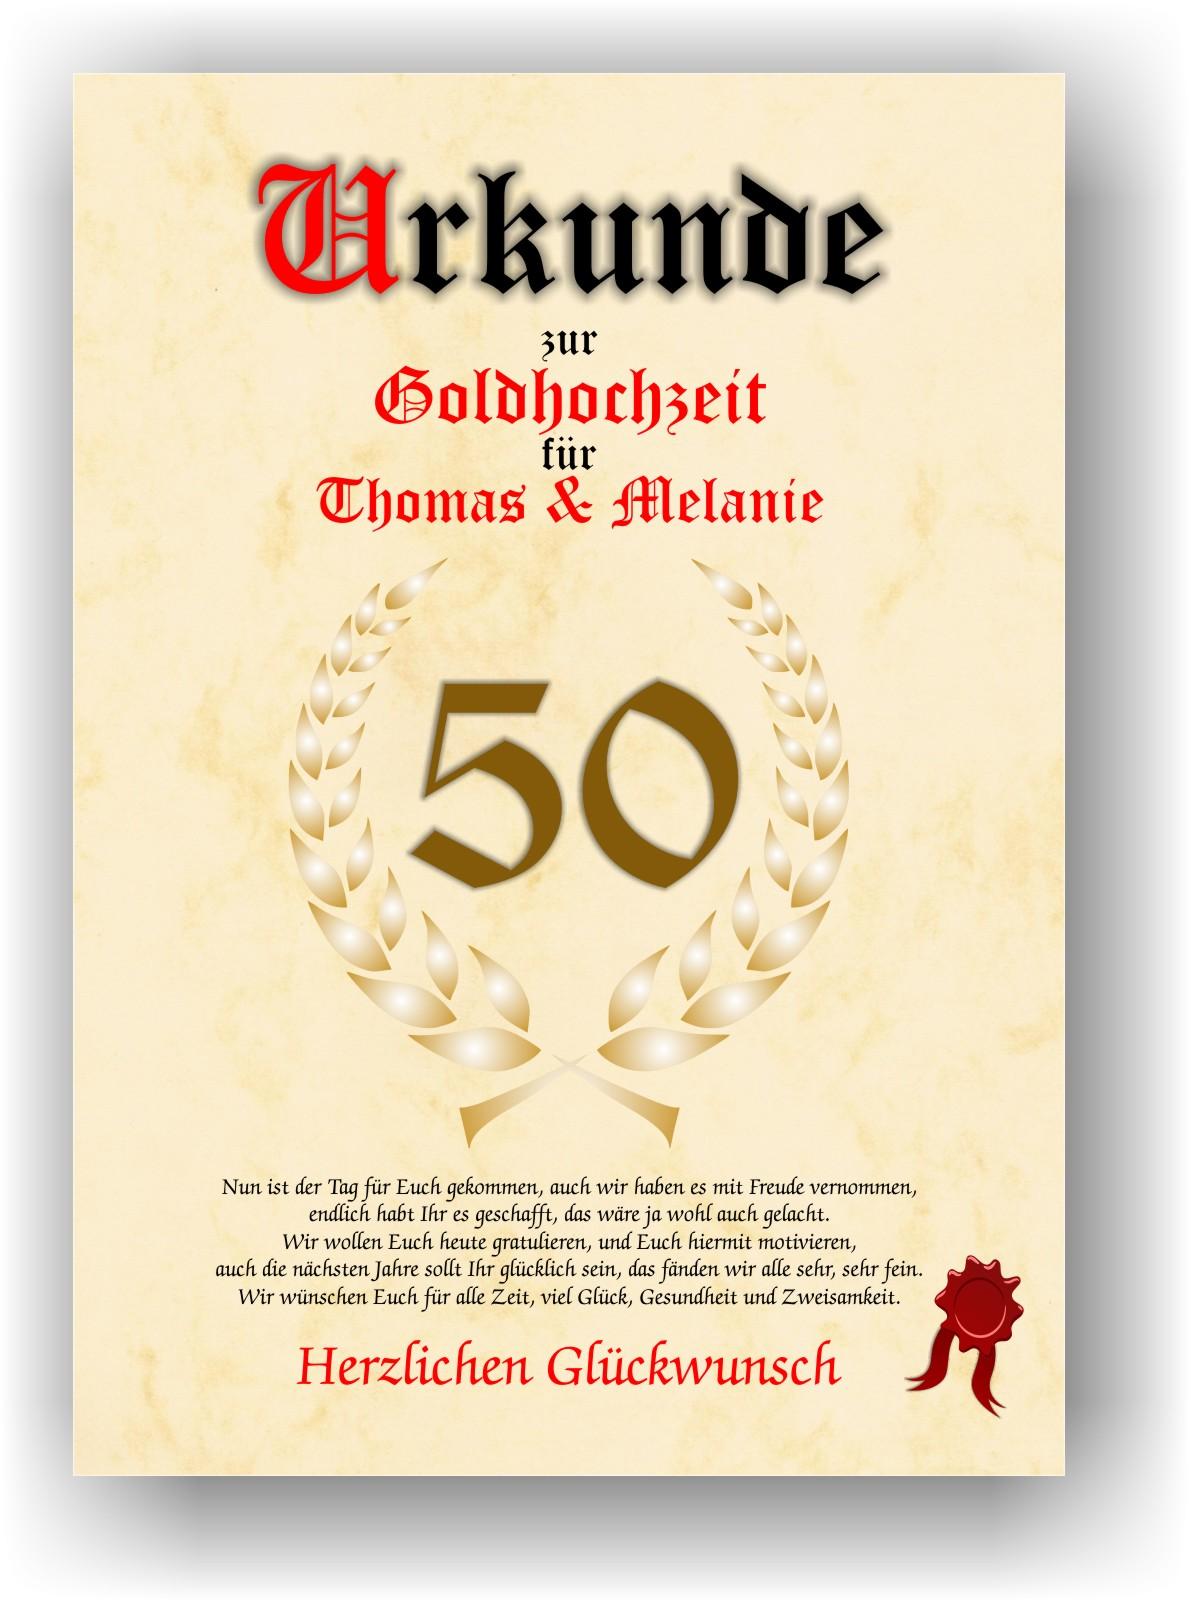 Details About Goldhochzeit Urkunde Zum 50 Hochzeitstag Geschenkidee Goldene Gold Hochzeit Neu